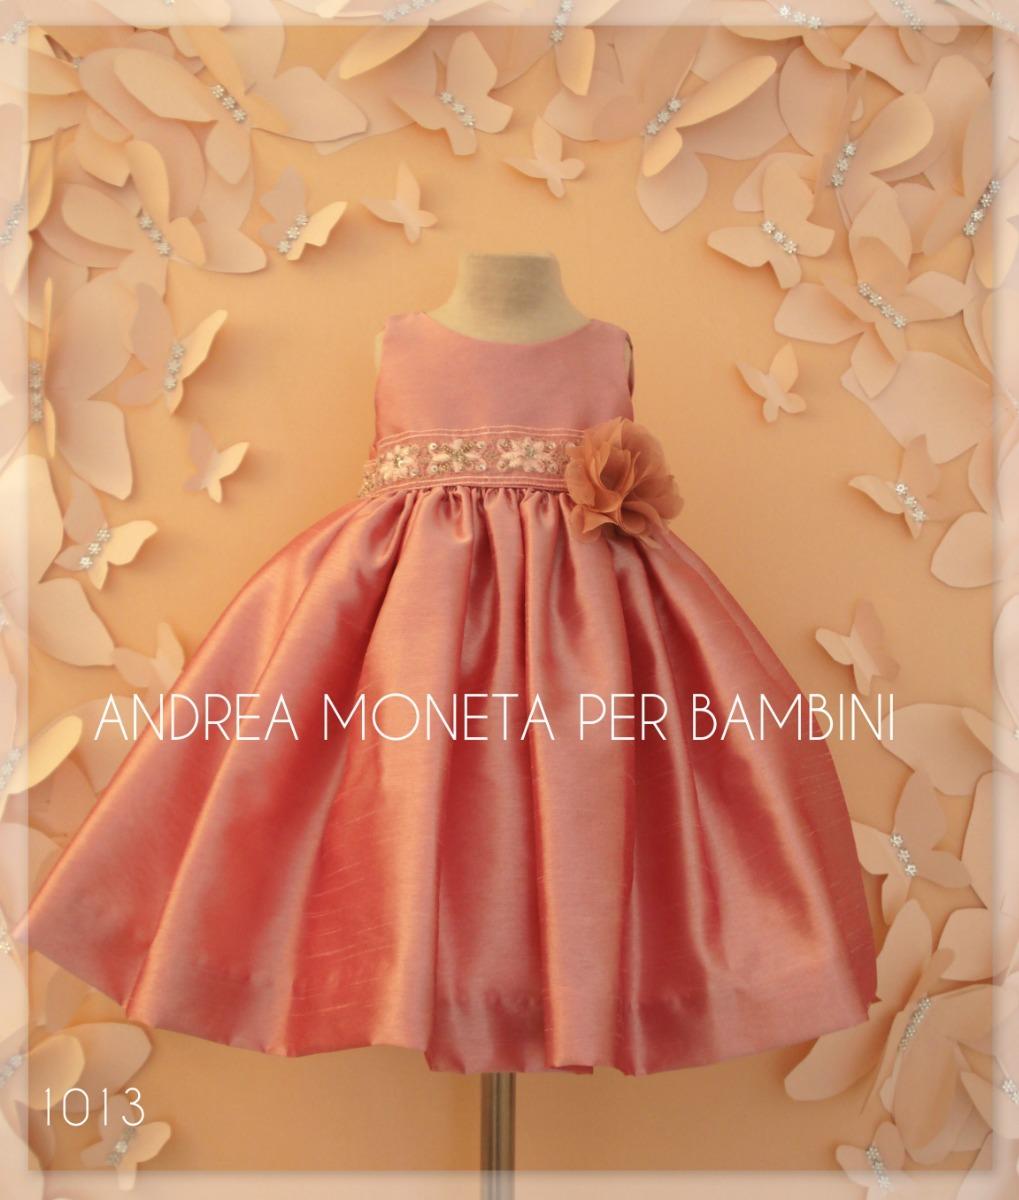 af6bdecd79 vestido fiesta bautismo rosa viejo bebe andrea moneta 1013. Cargando zoom.